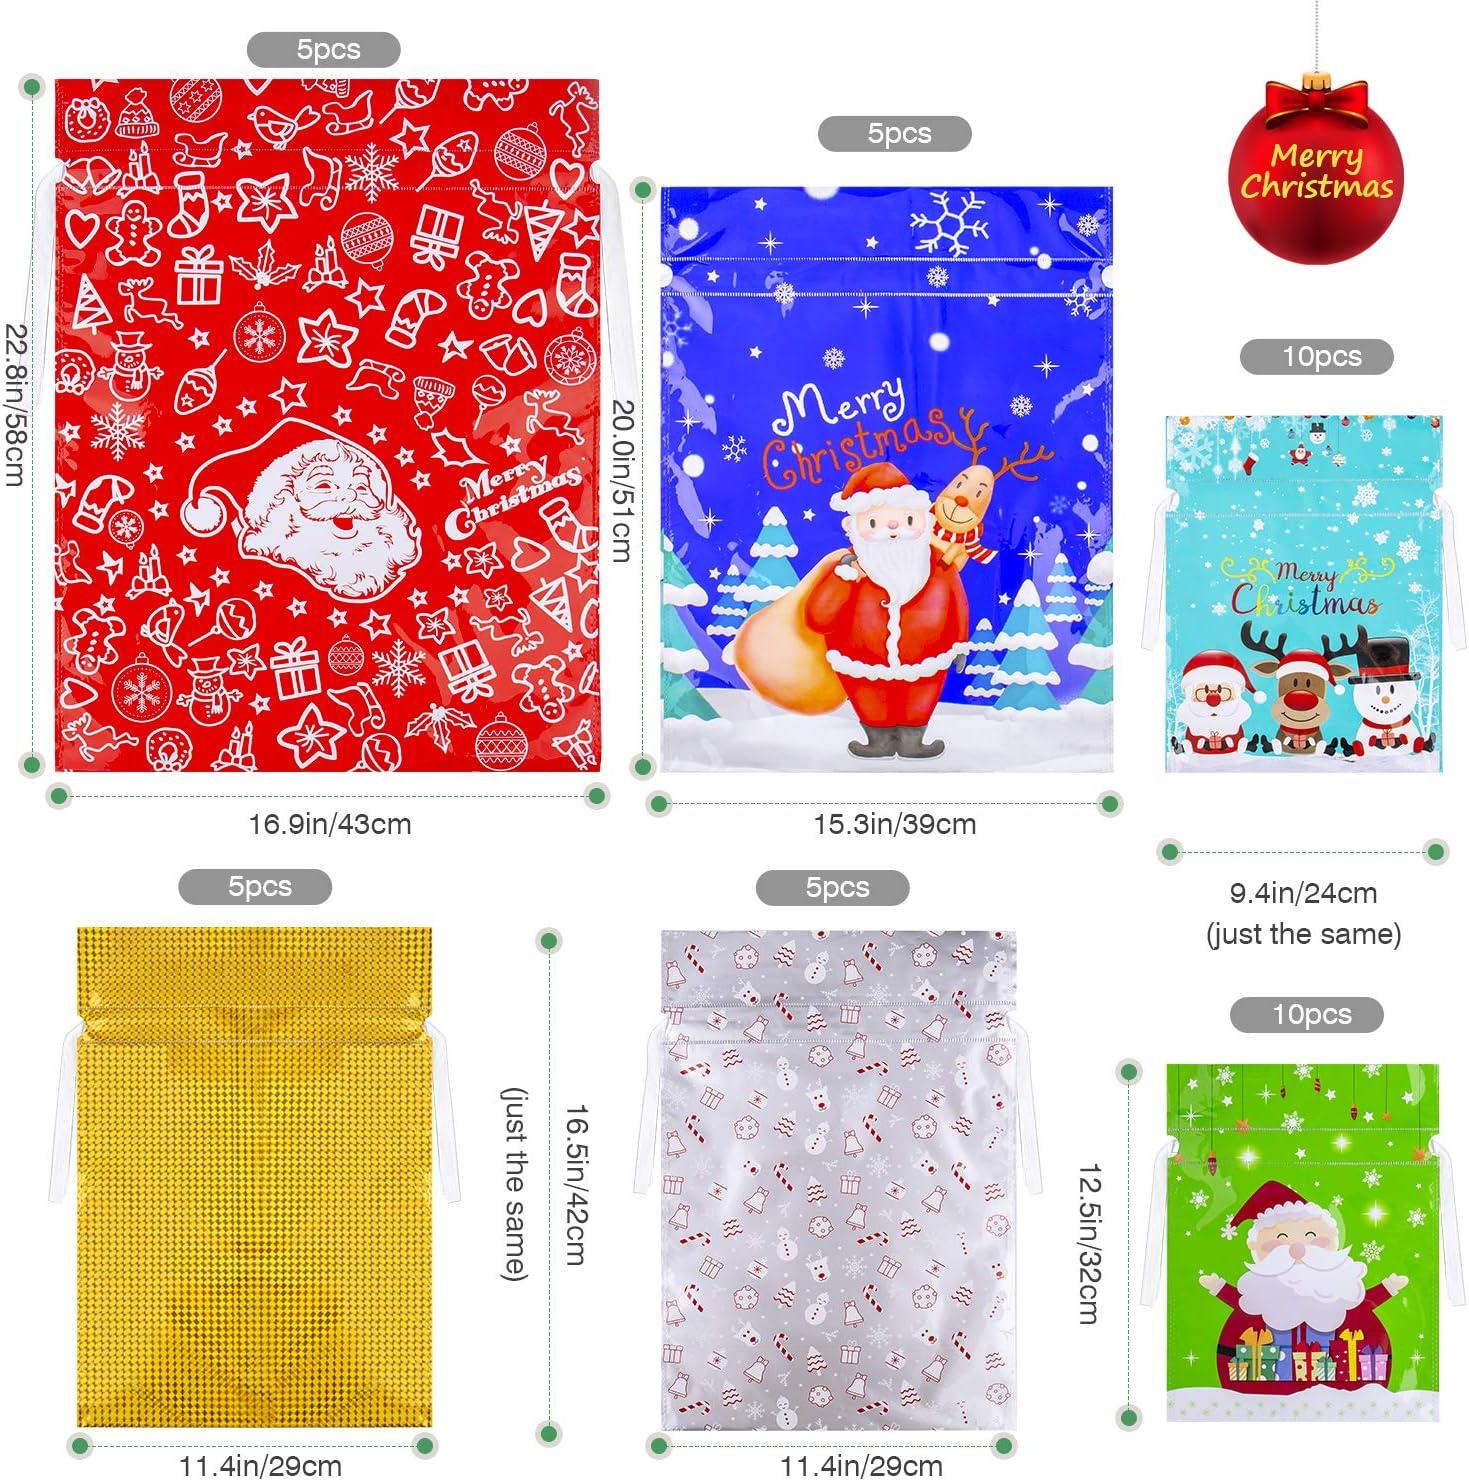 Cadeaux D/écorations de Vacances SPLAKS Sacs Cadeaux No/ël Lot de 40 Grands Sacs Emballage Cadeaux avec des Liens de Ruban pour la F/ête de No/ël